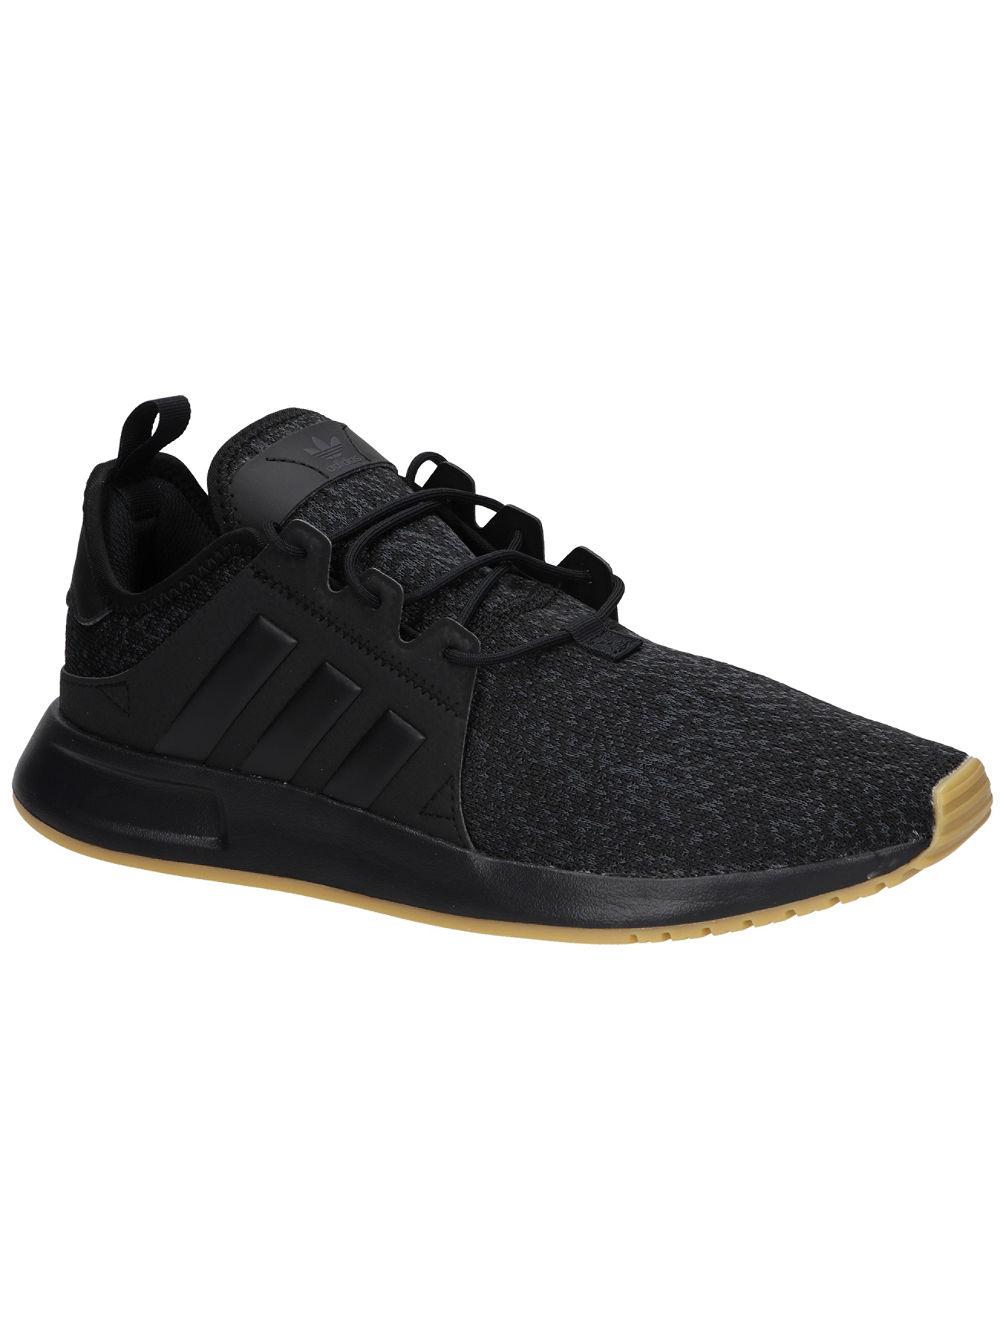 korkealaatuinen tehtaanmyymälä parhaiten myydä X_PLR Sneakers